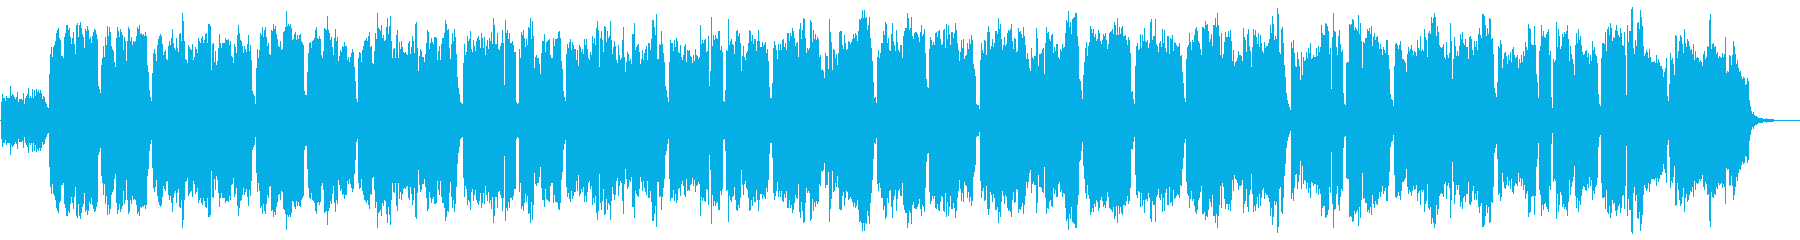 ケルトのホイッスルとギターのやわらかな曲の再生済みの波形